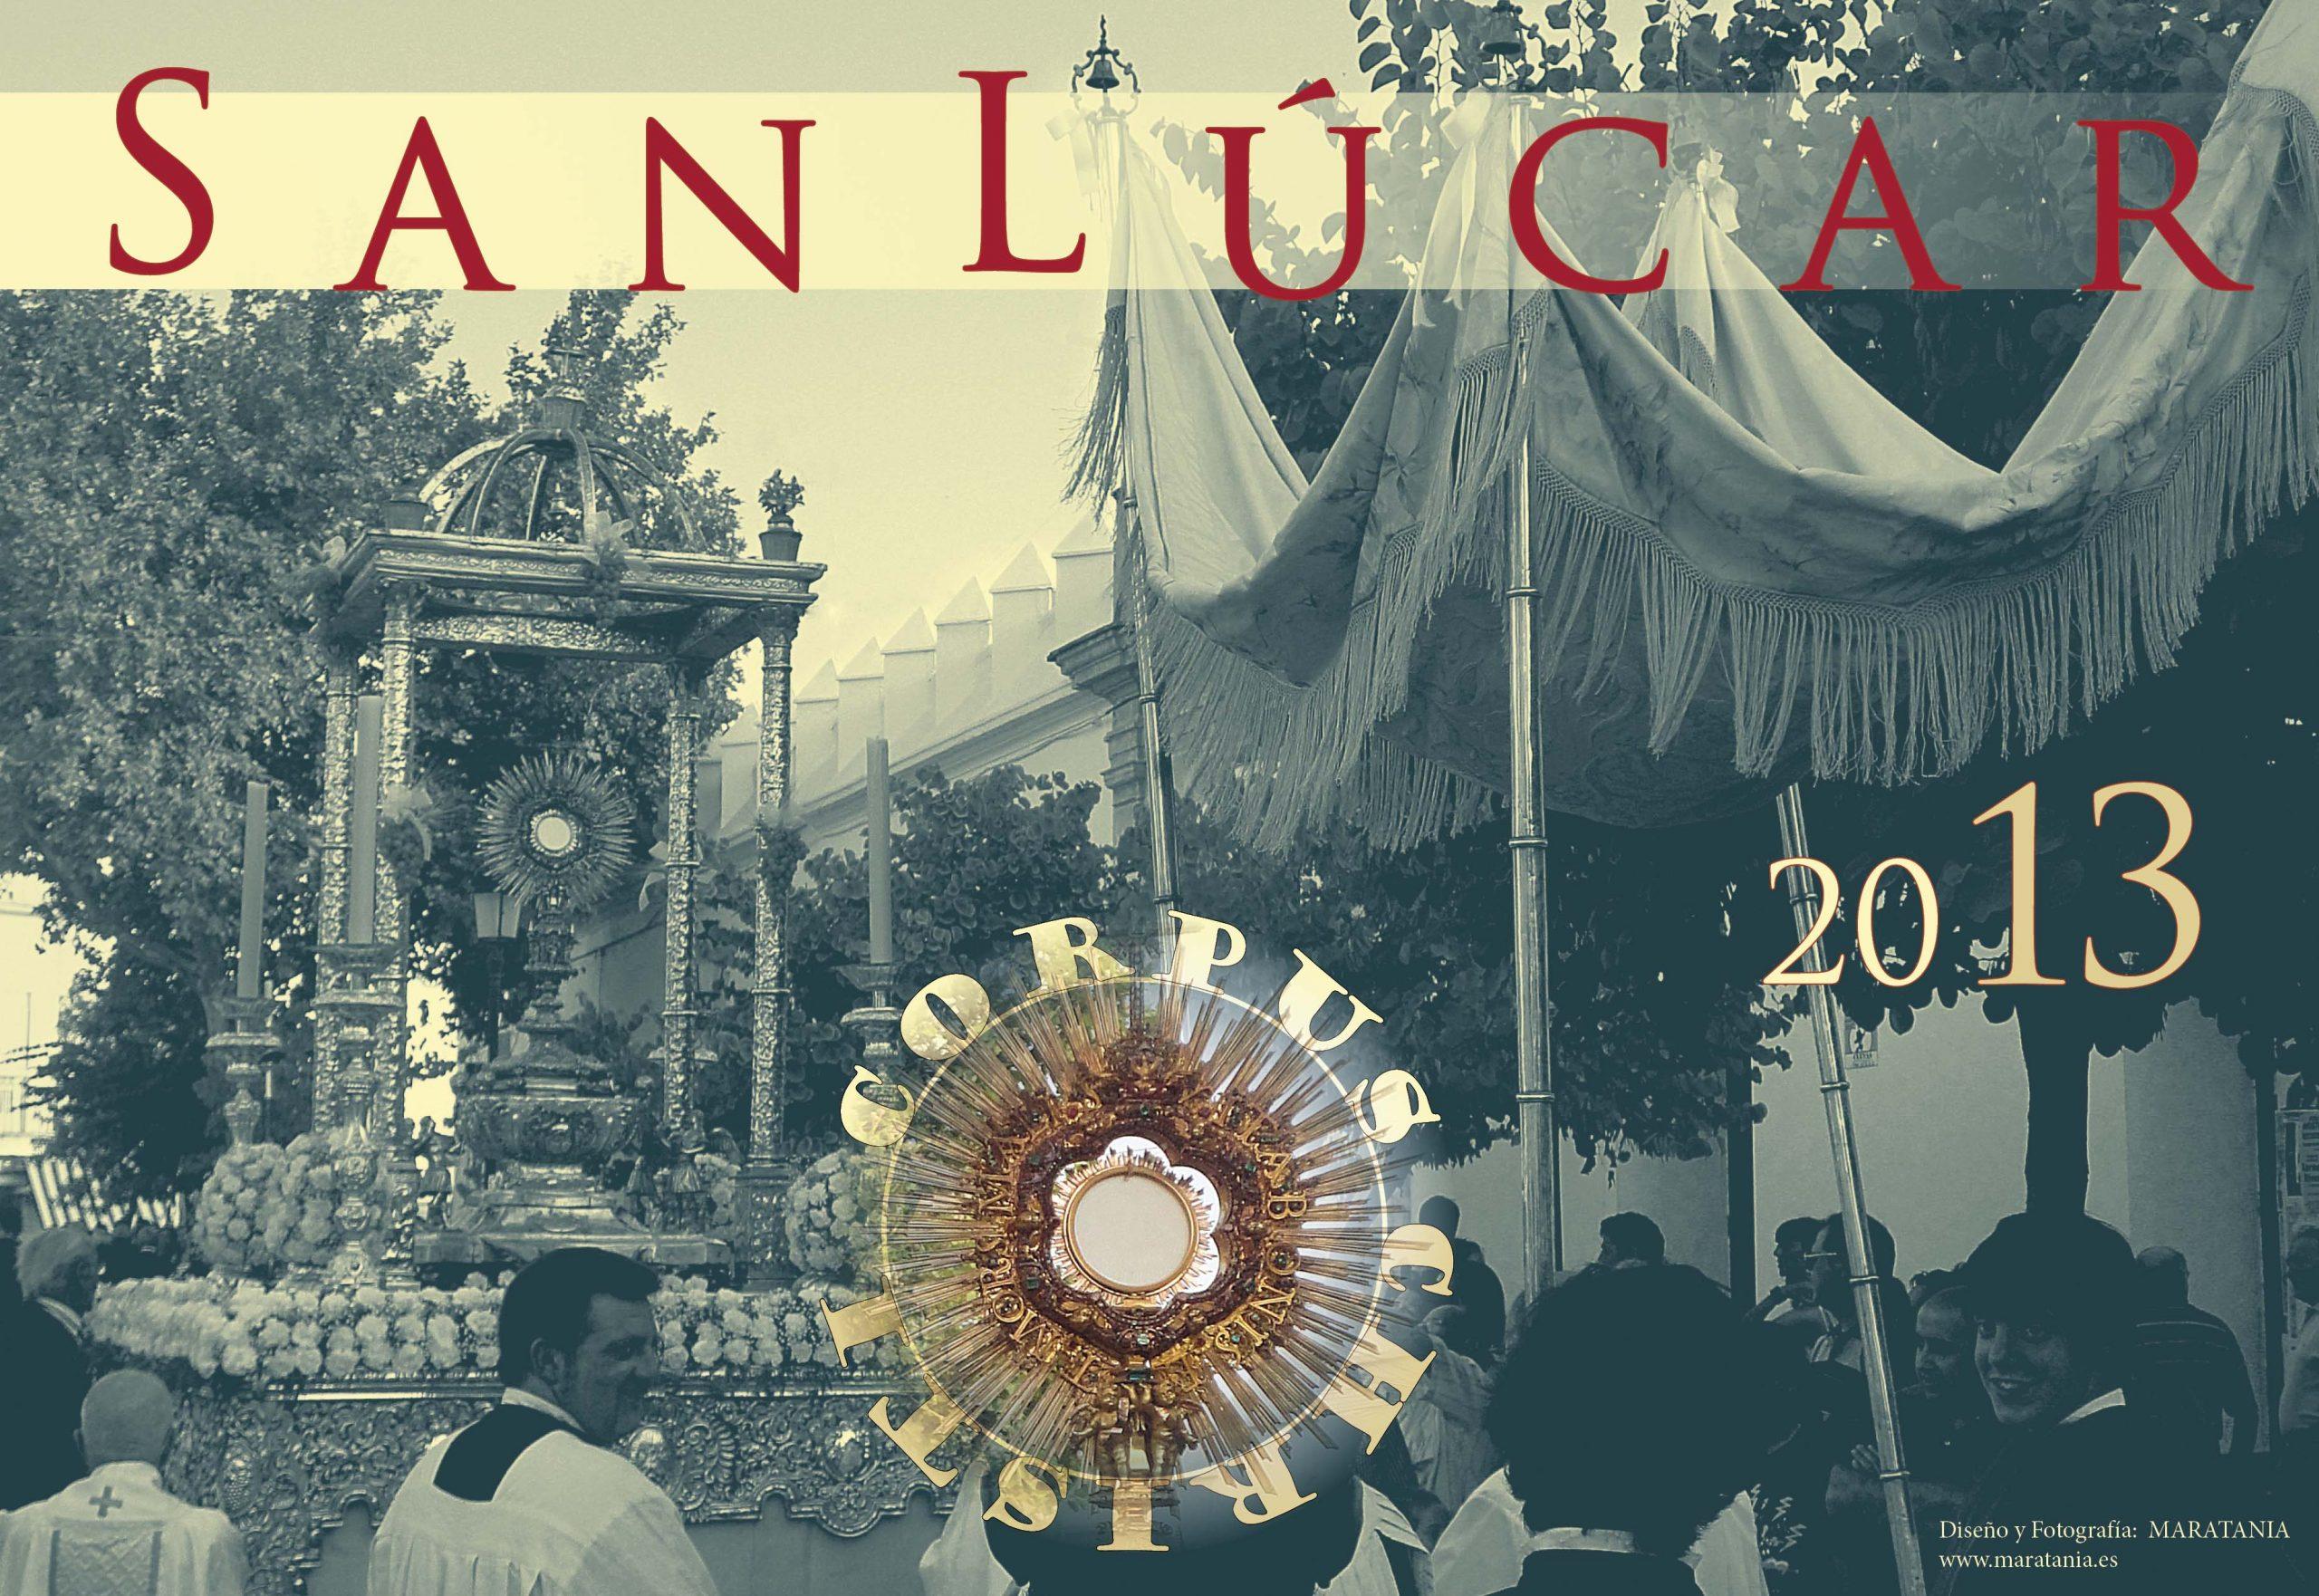 Maratania os invita con este cartel al Corpus de Sanlúcar.